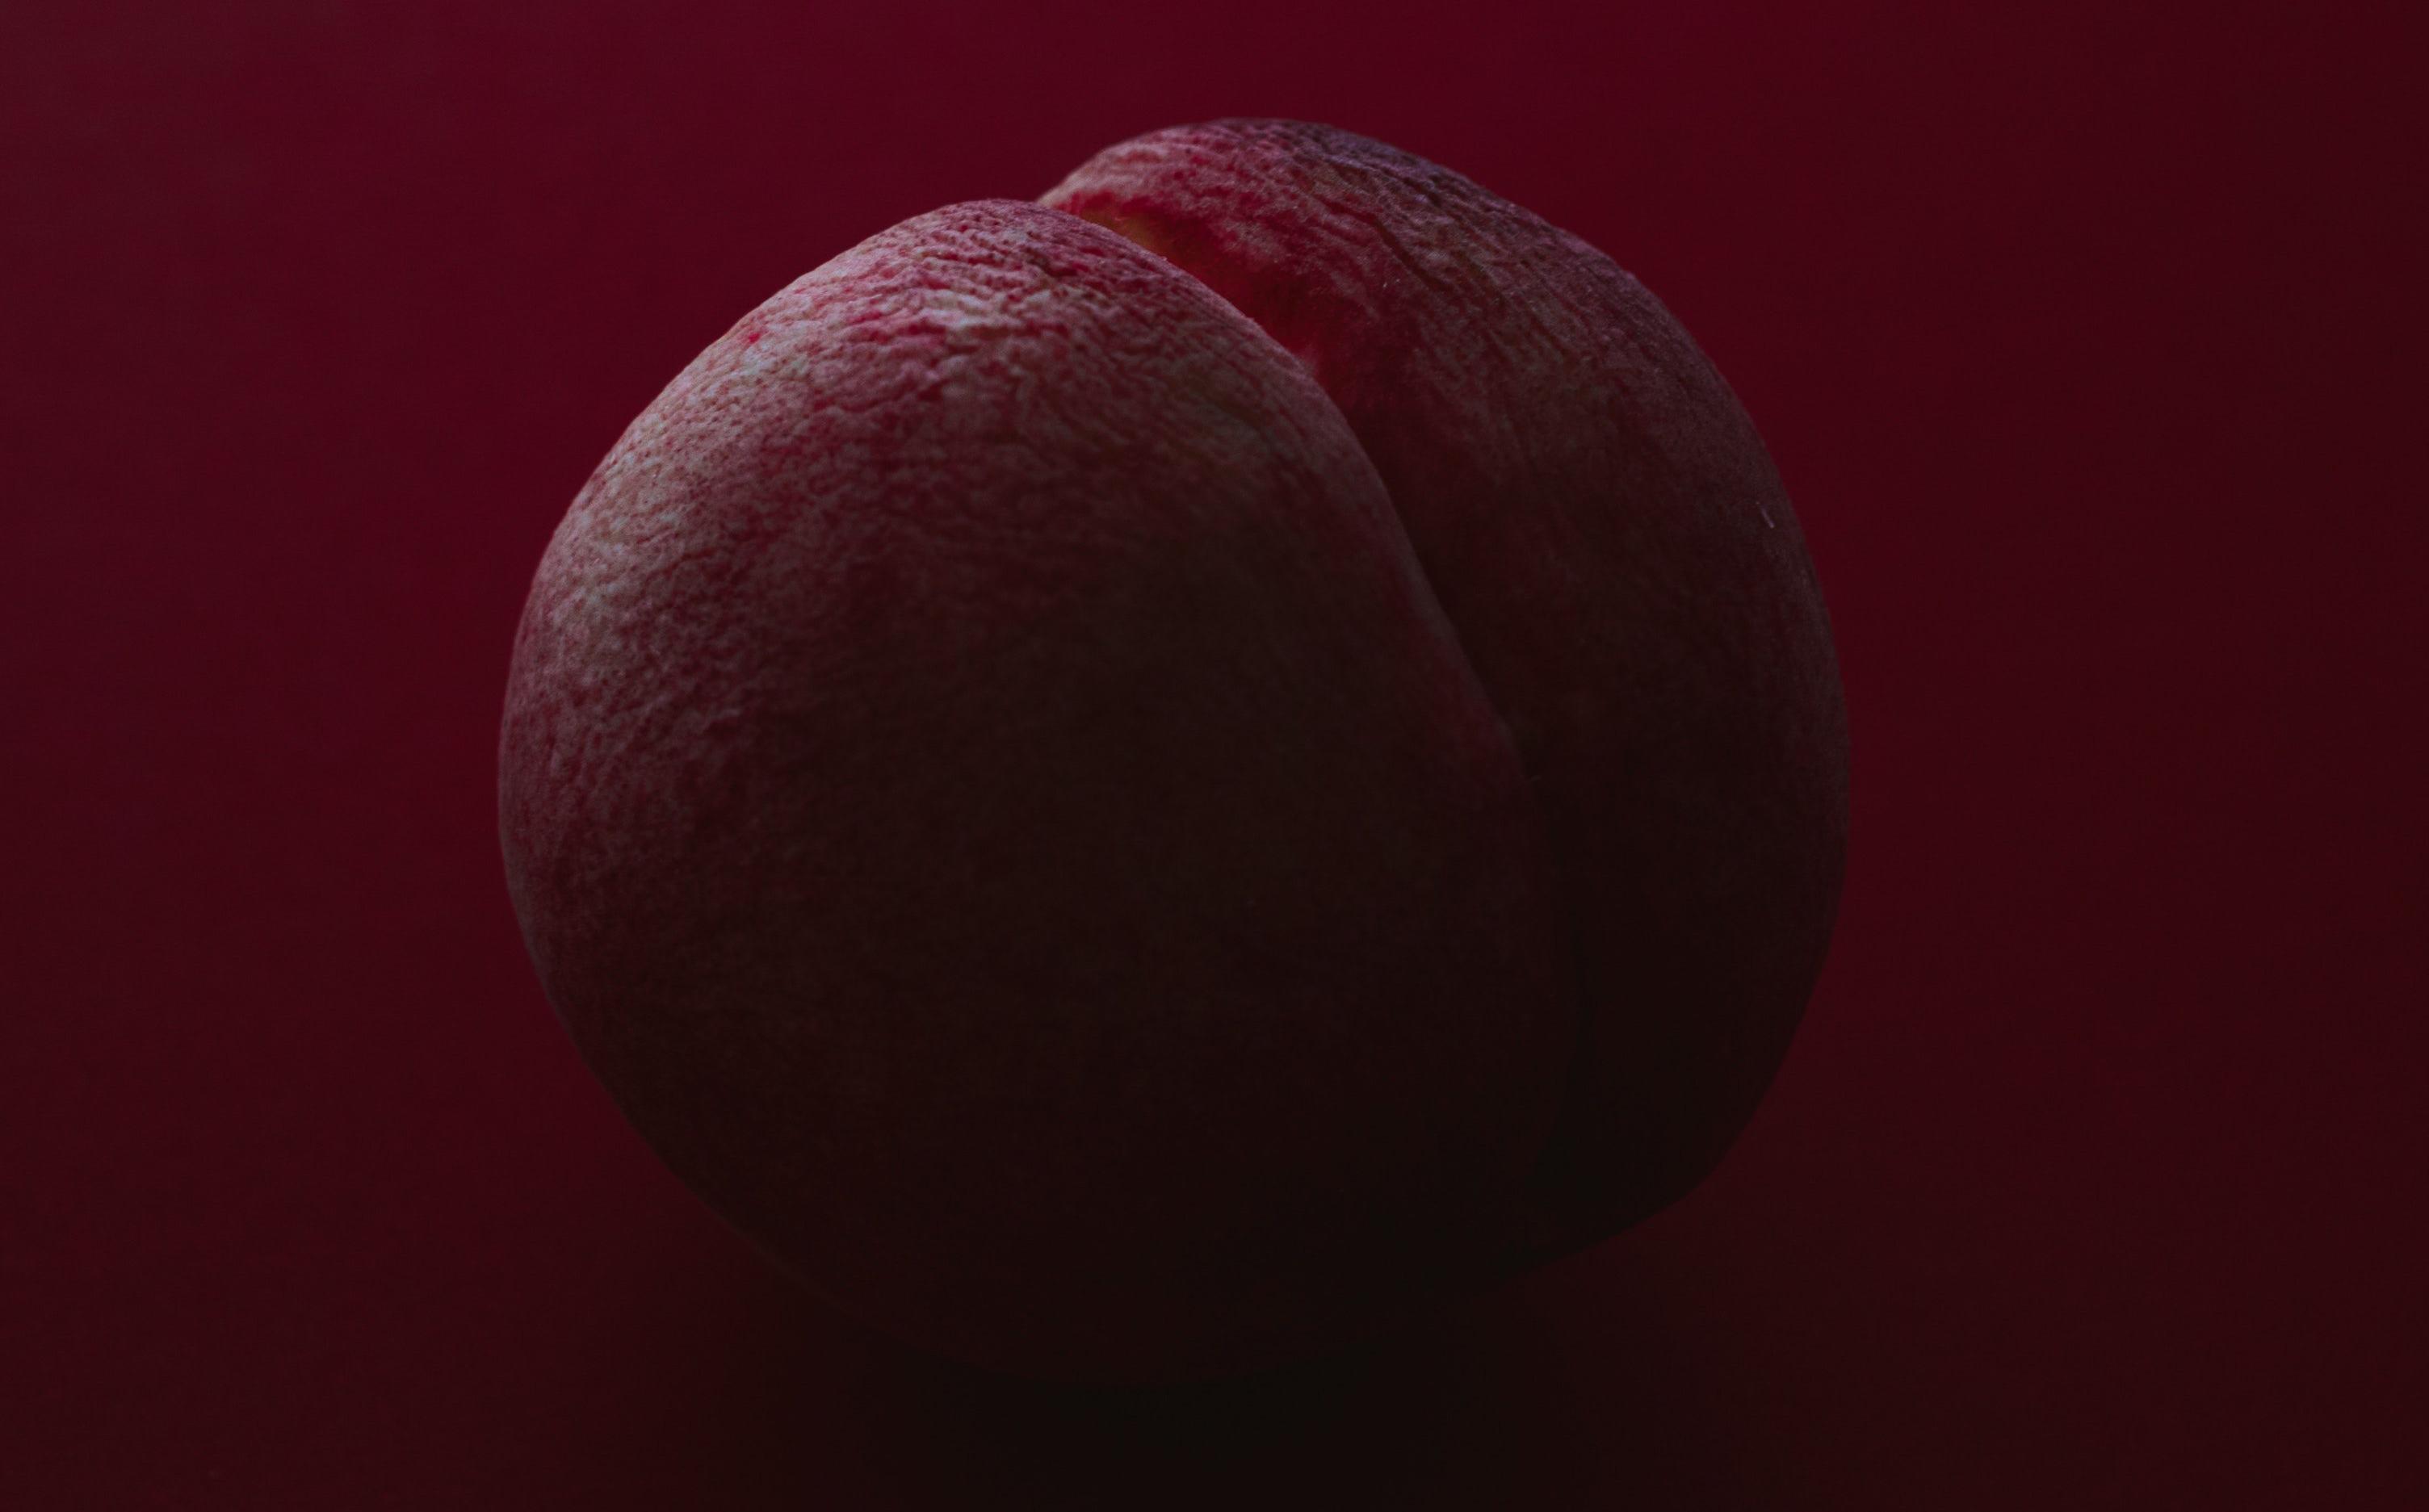 a red peach